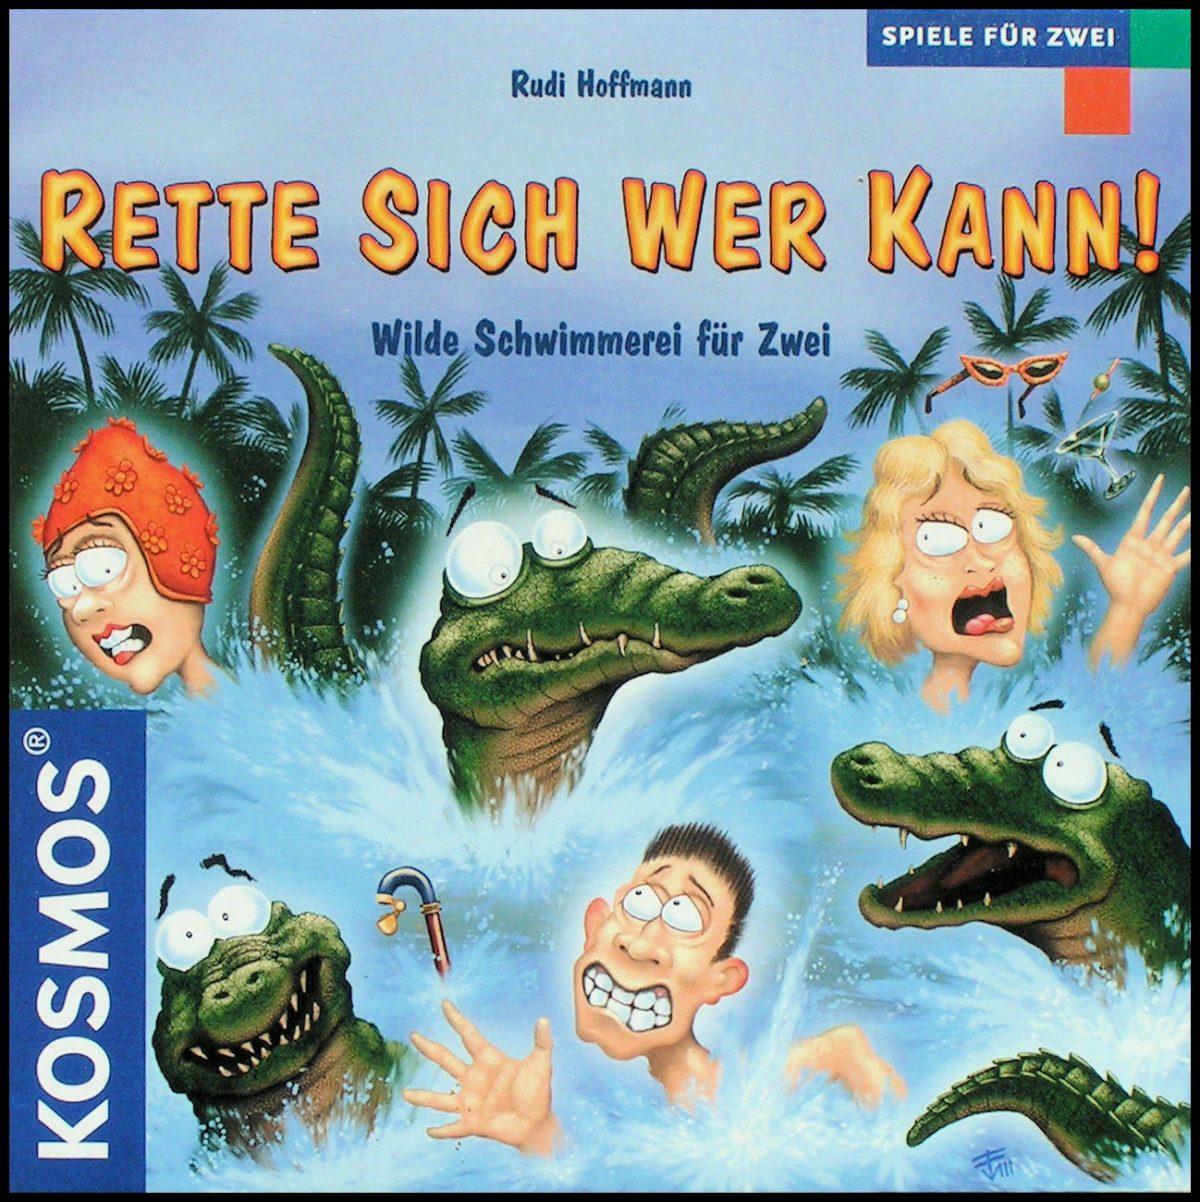 Rette Sich Wer Kann! - Box Front